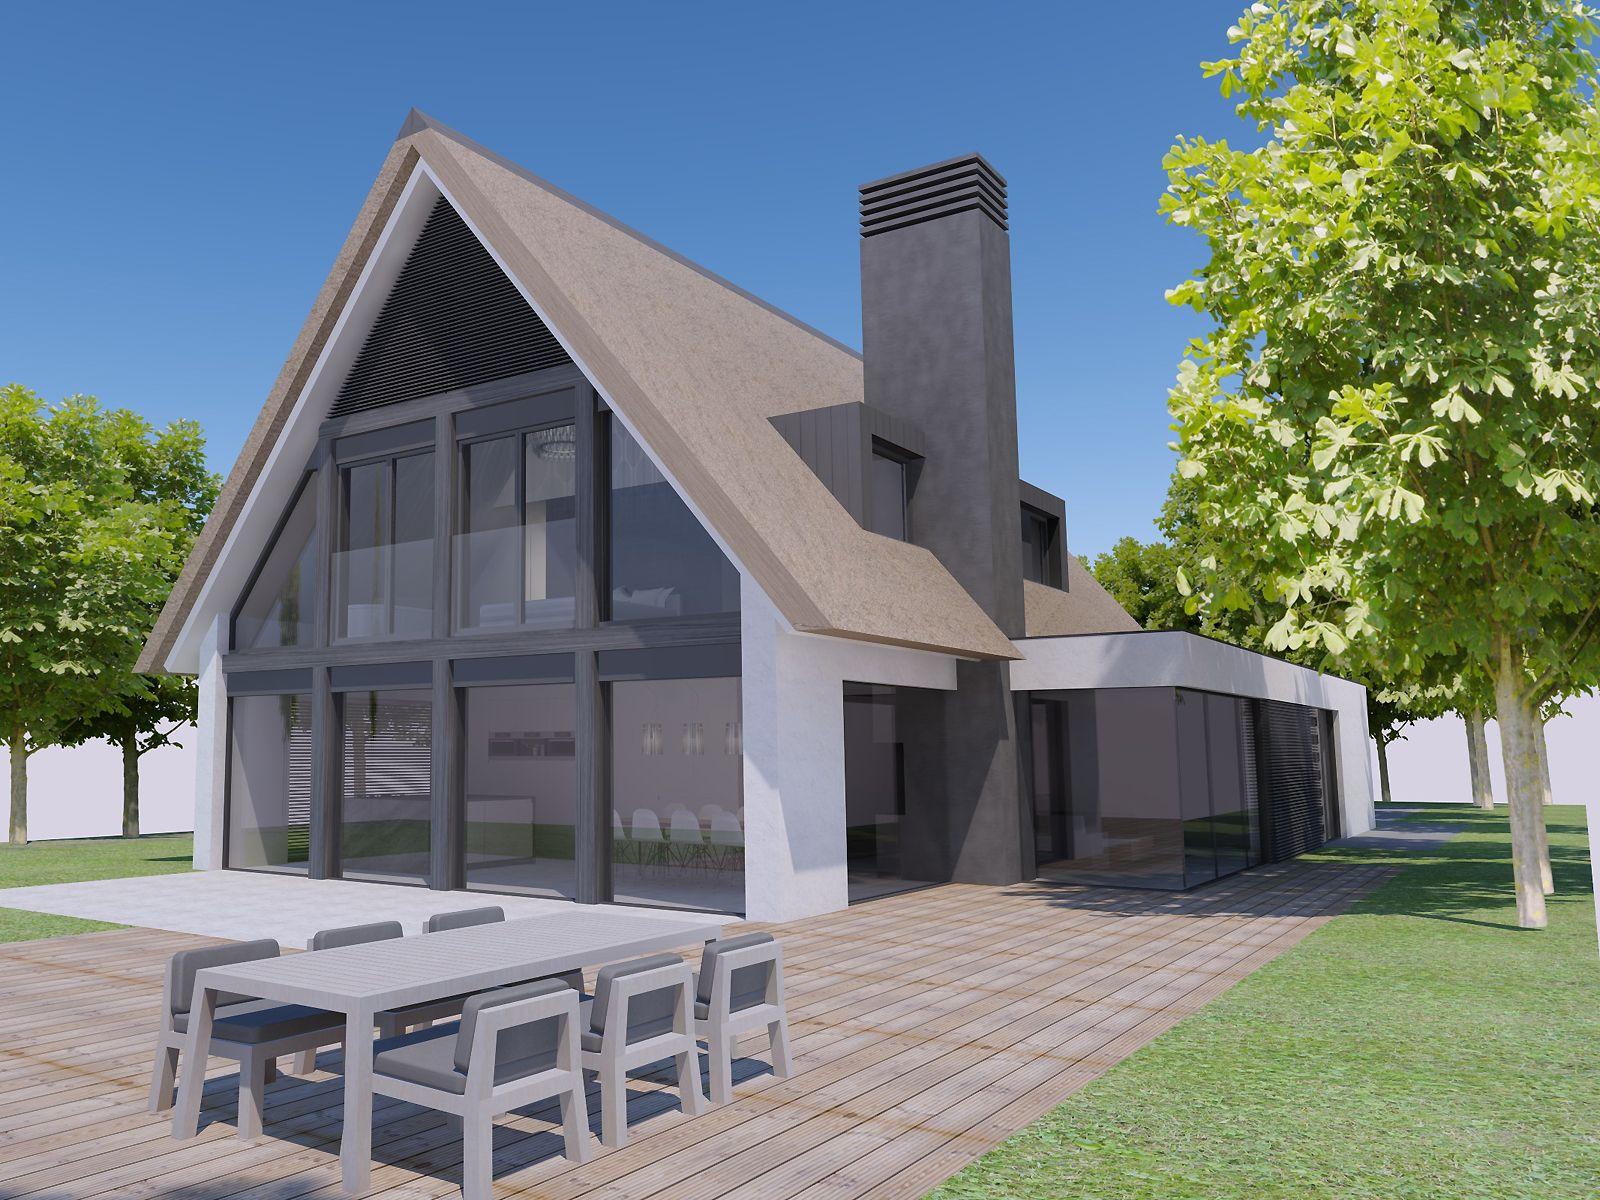 Architectuur vrijstaande woning zijaanbouw google zoeken huis pinterest architectuur - Huis interieur architectuur ...